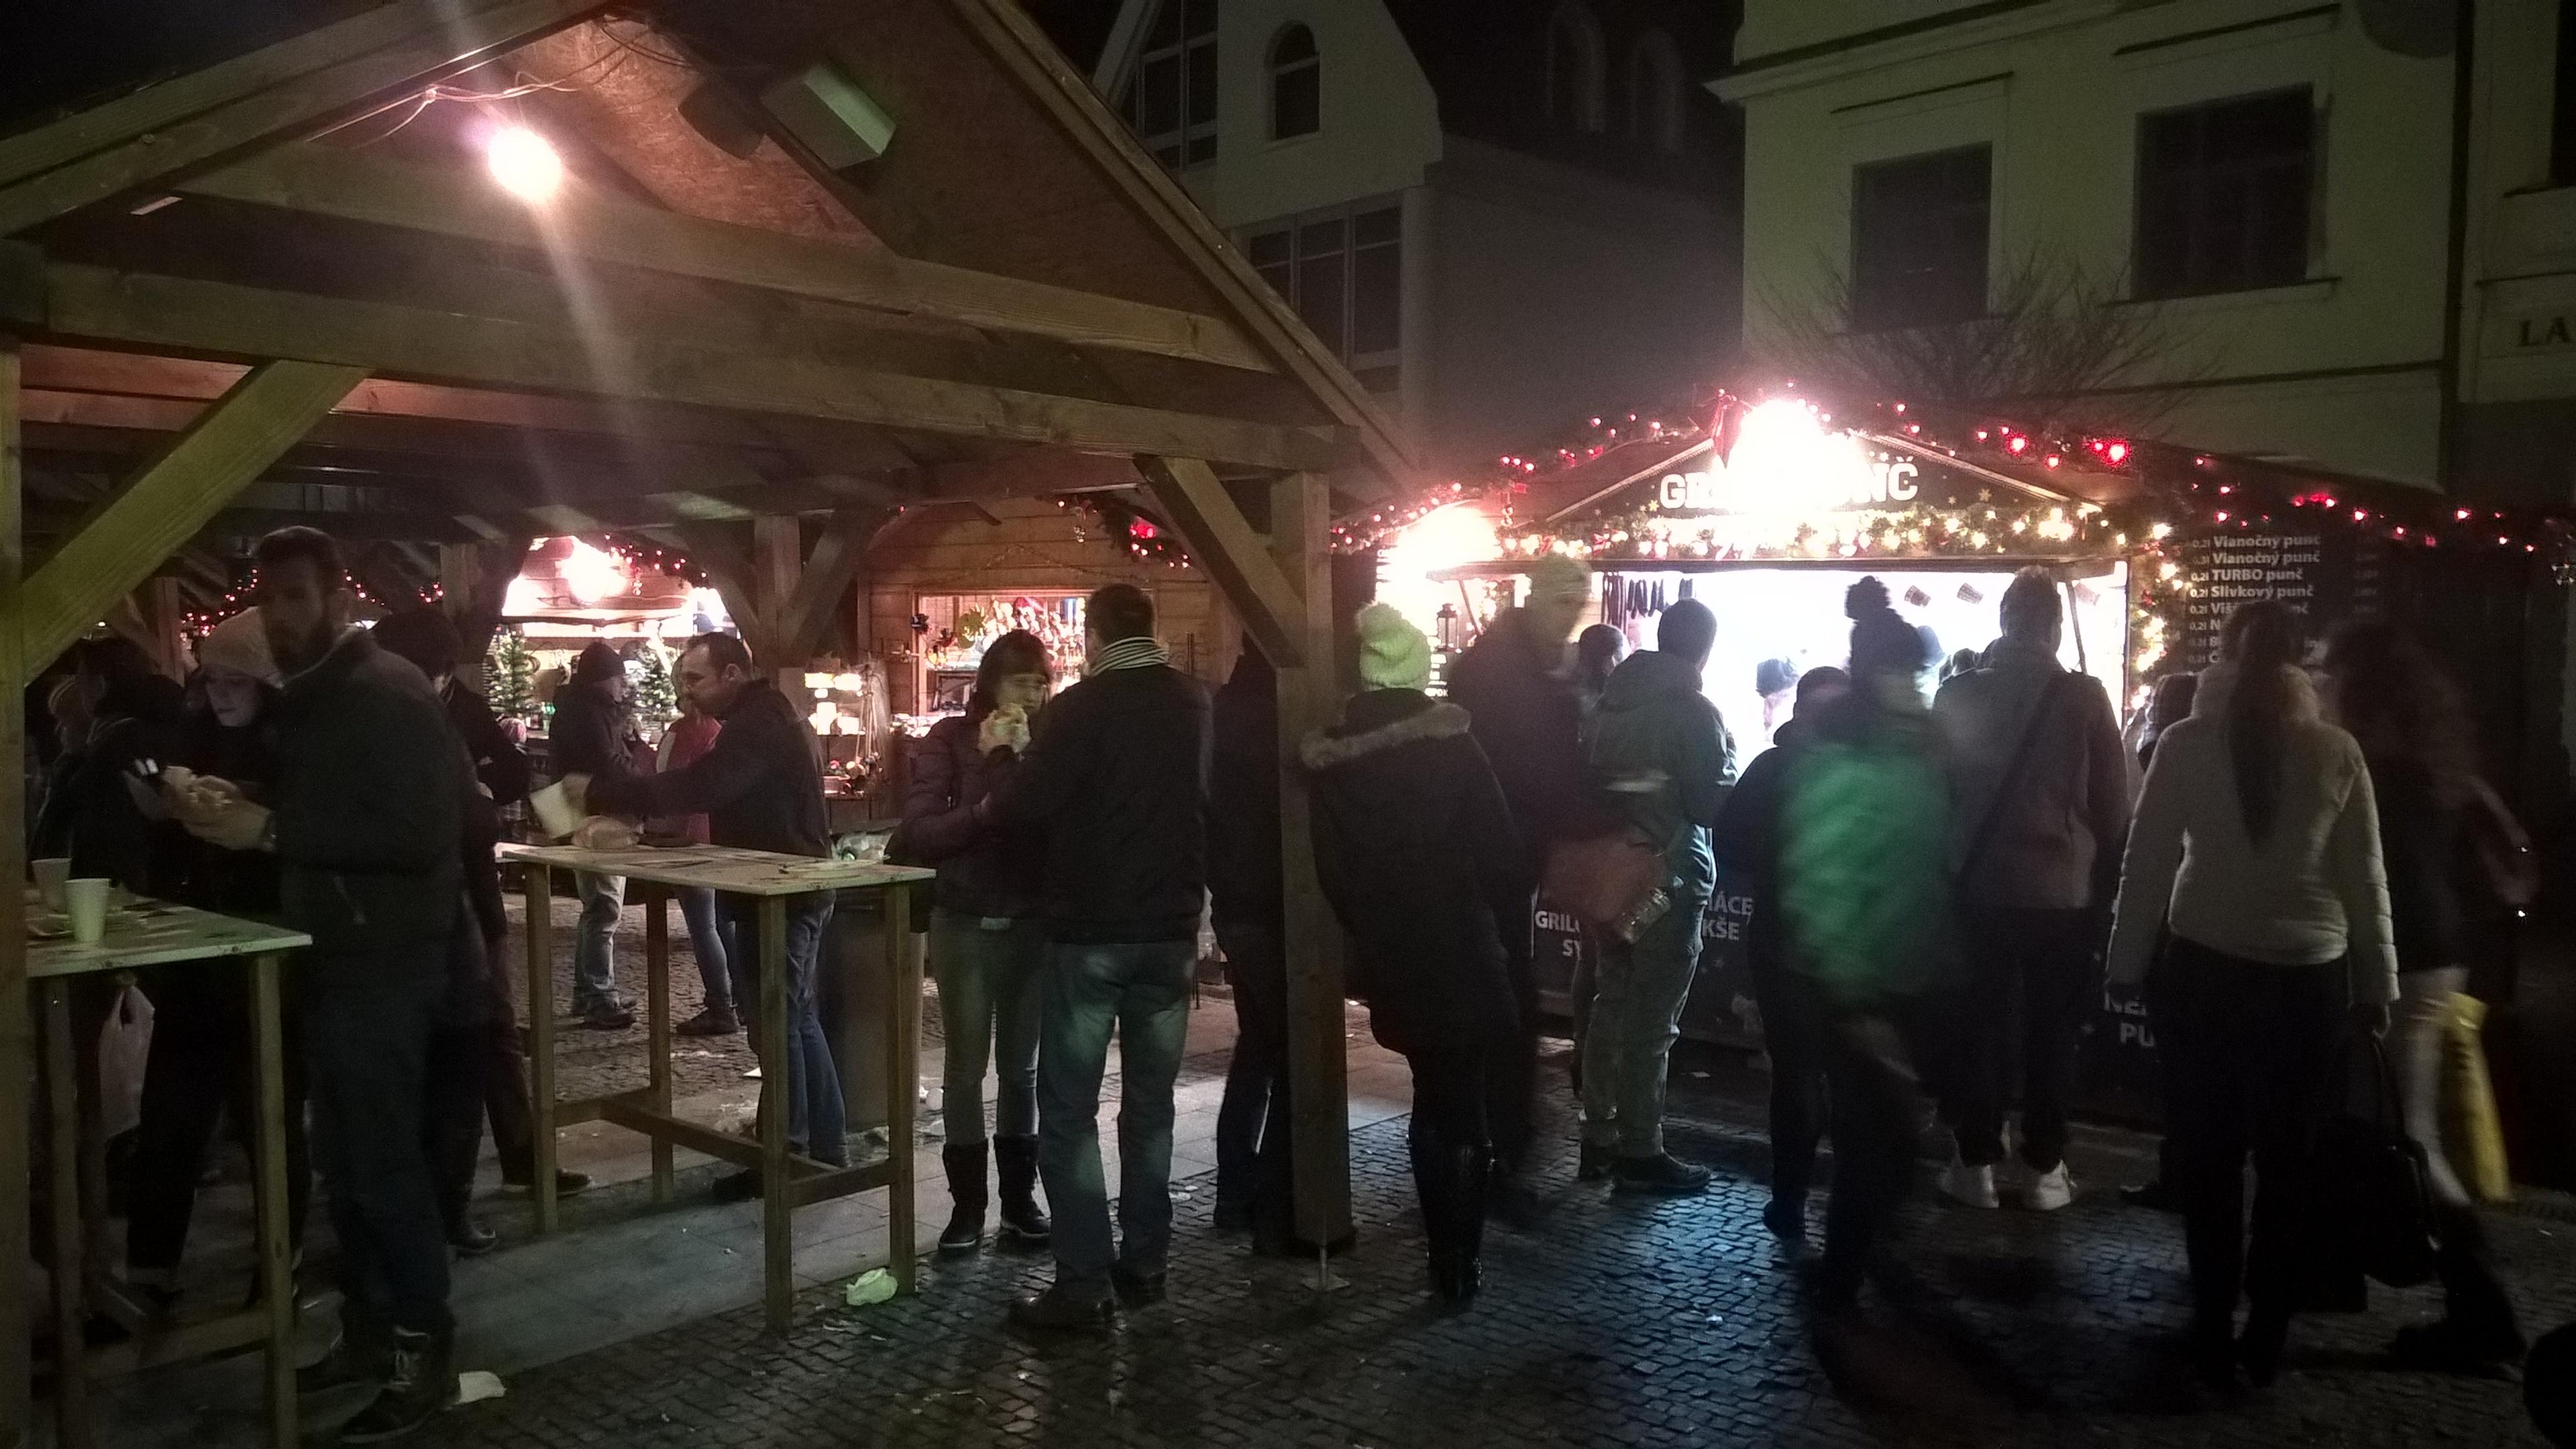 Vianočné trhy v Žiline. Zdroj: Filip Maxa